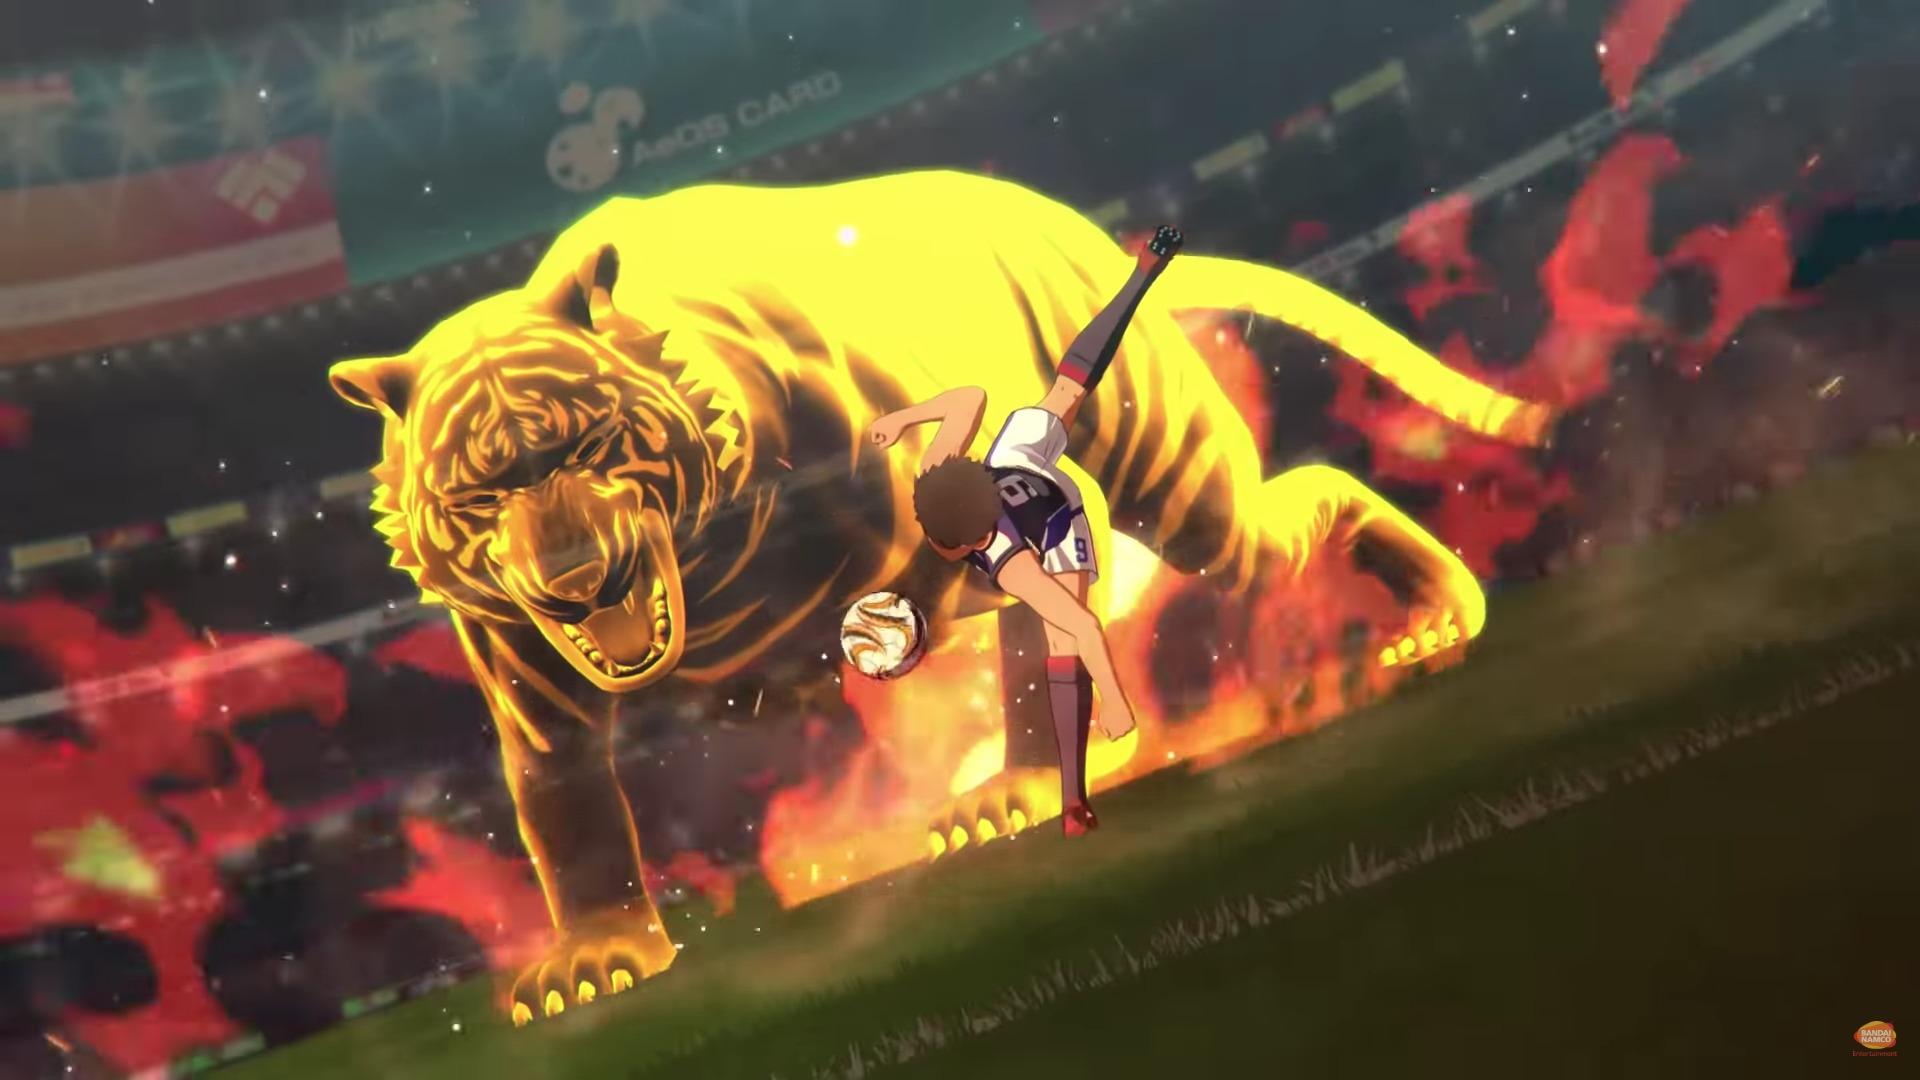 Anime videojuego Captain Tsubasa